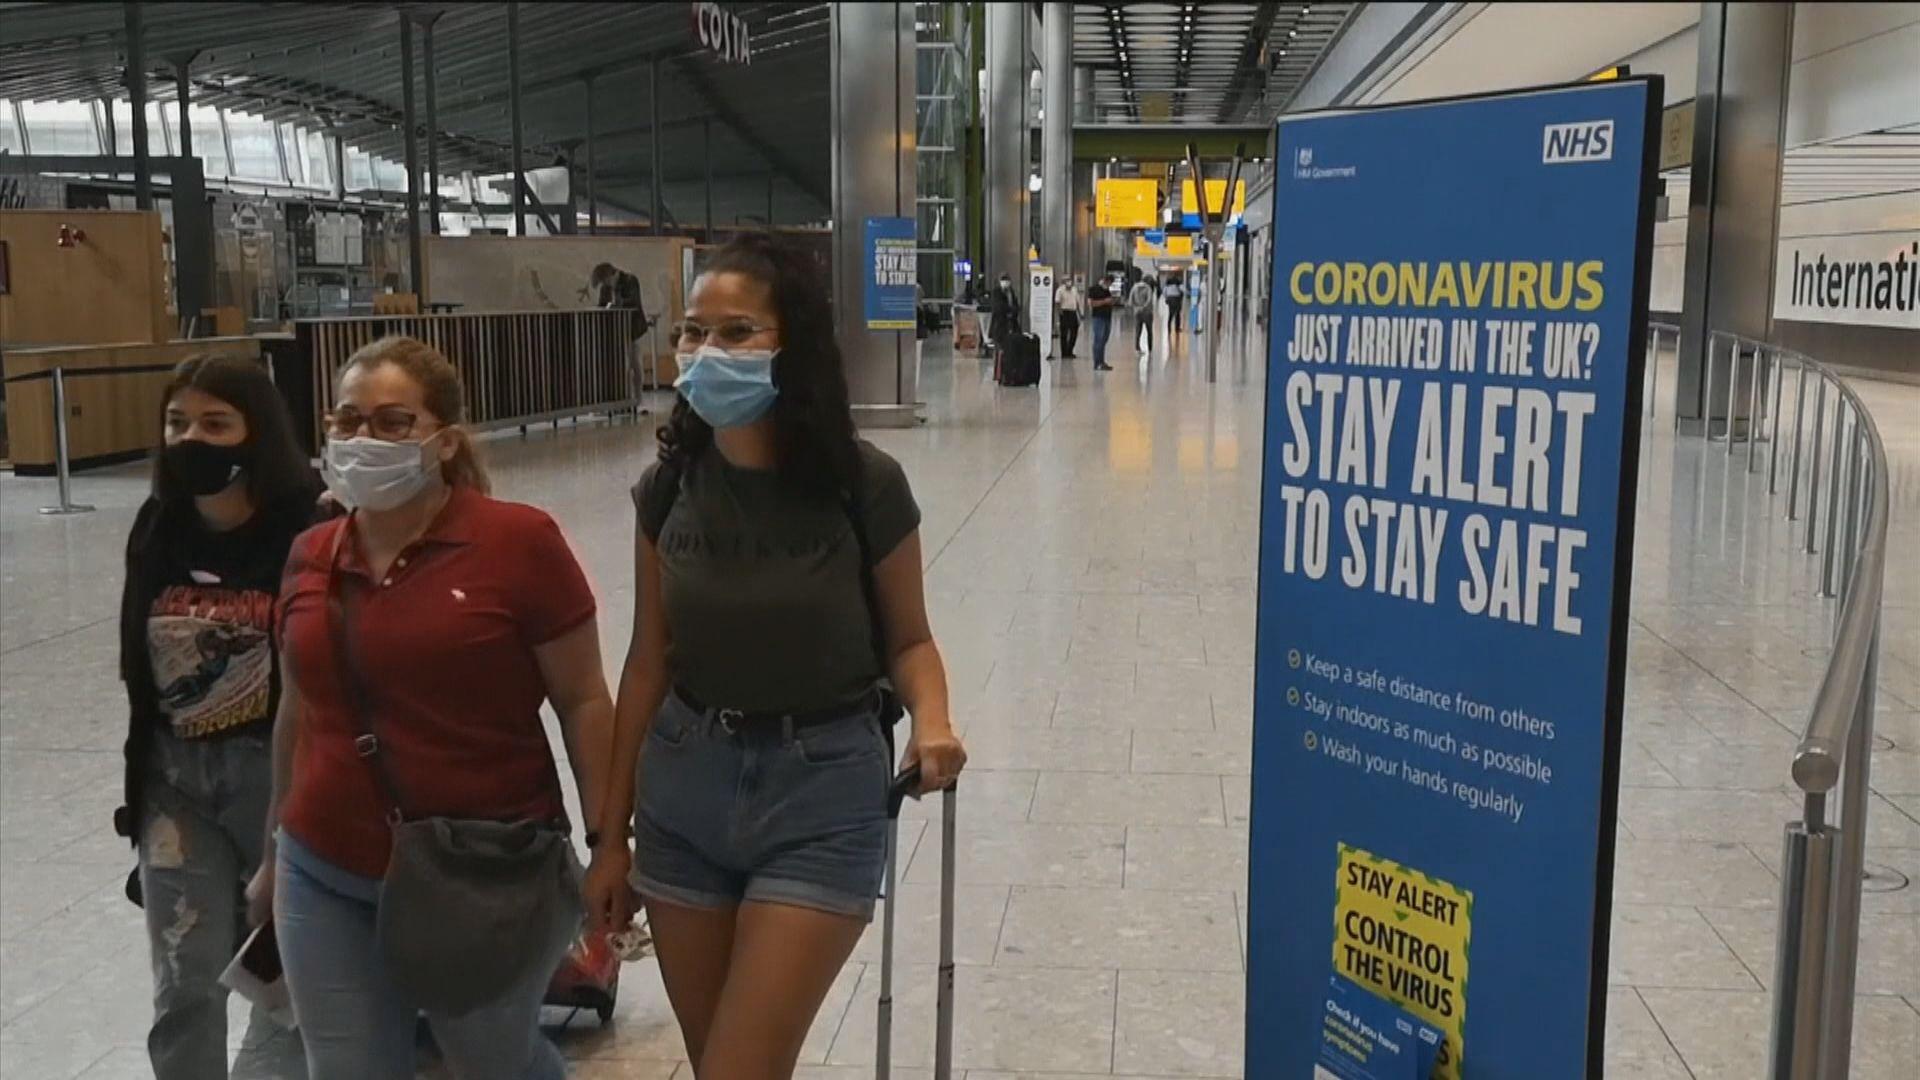 荷蘭禁止英國載客航班入境